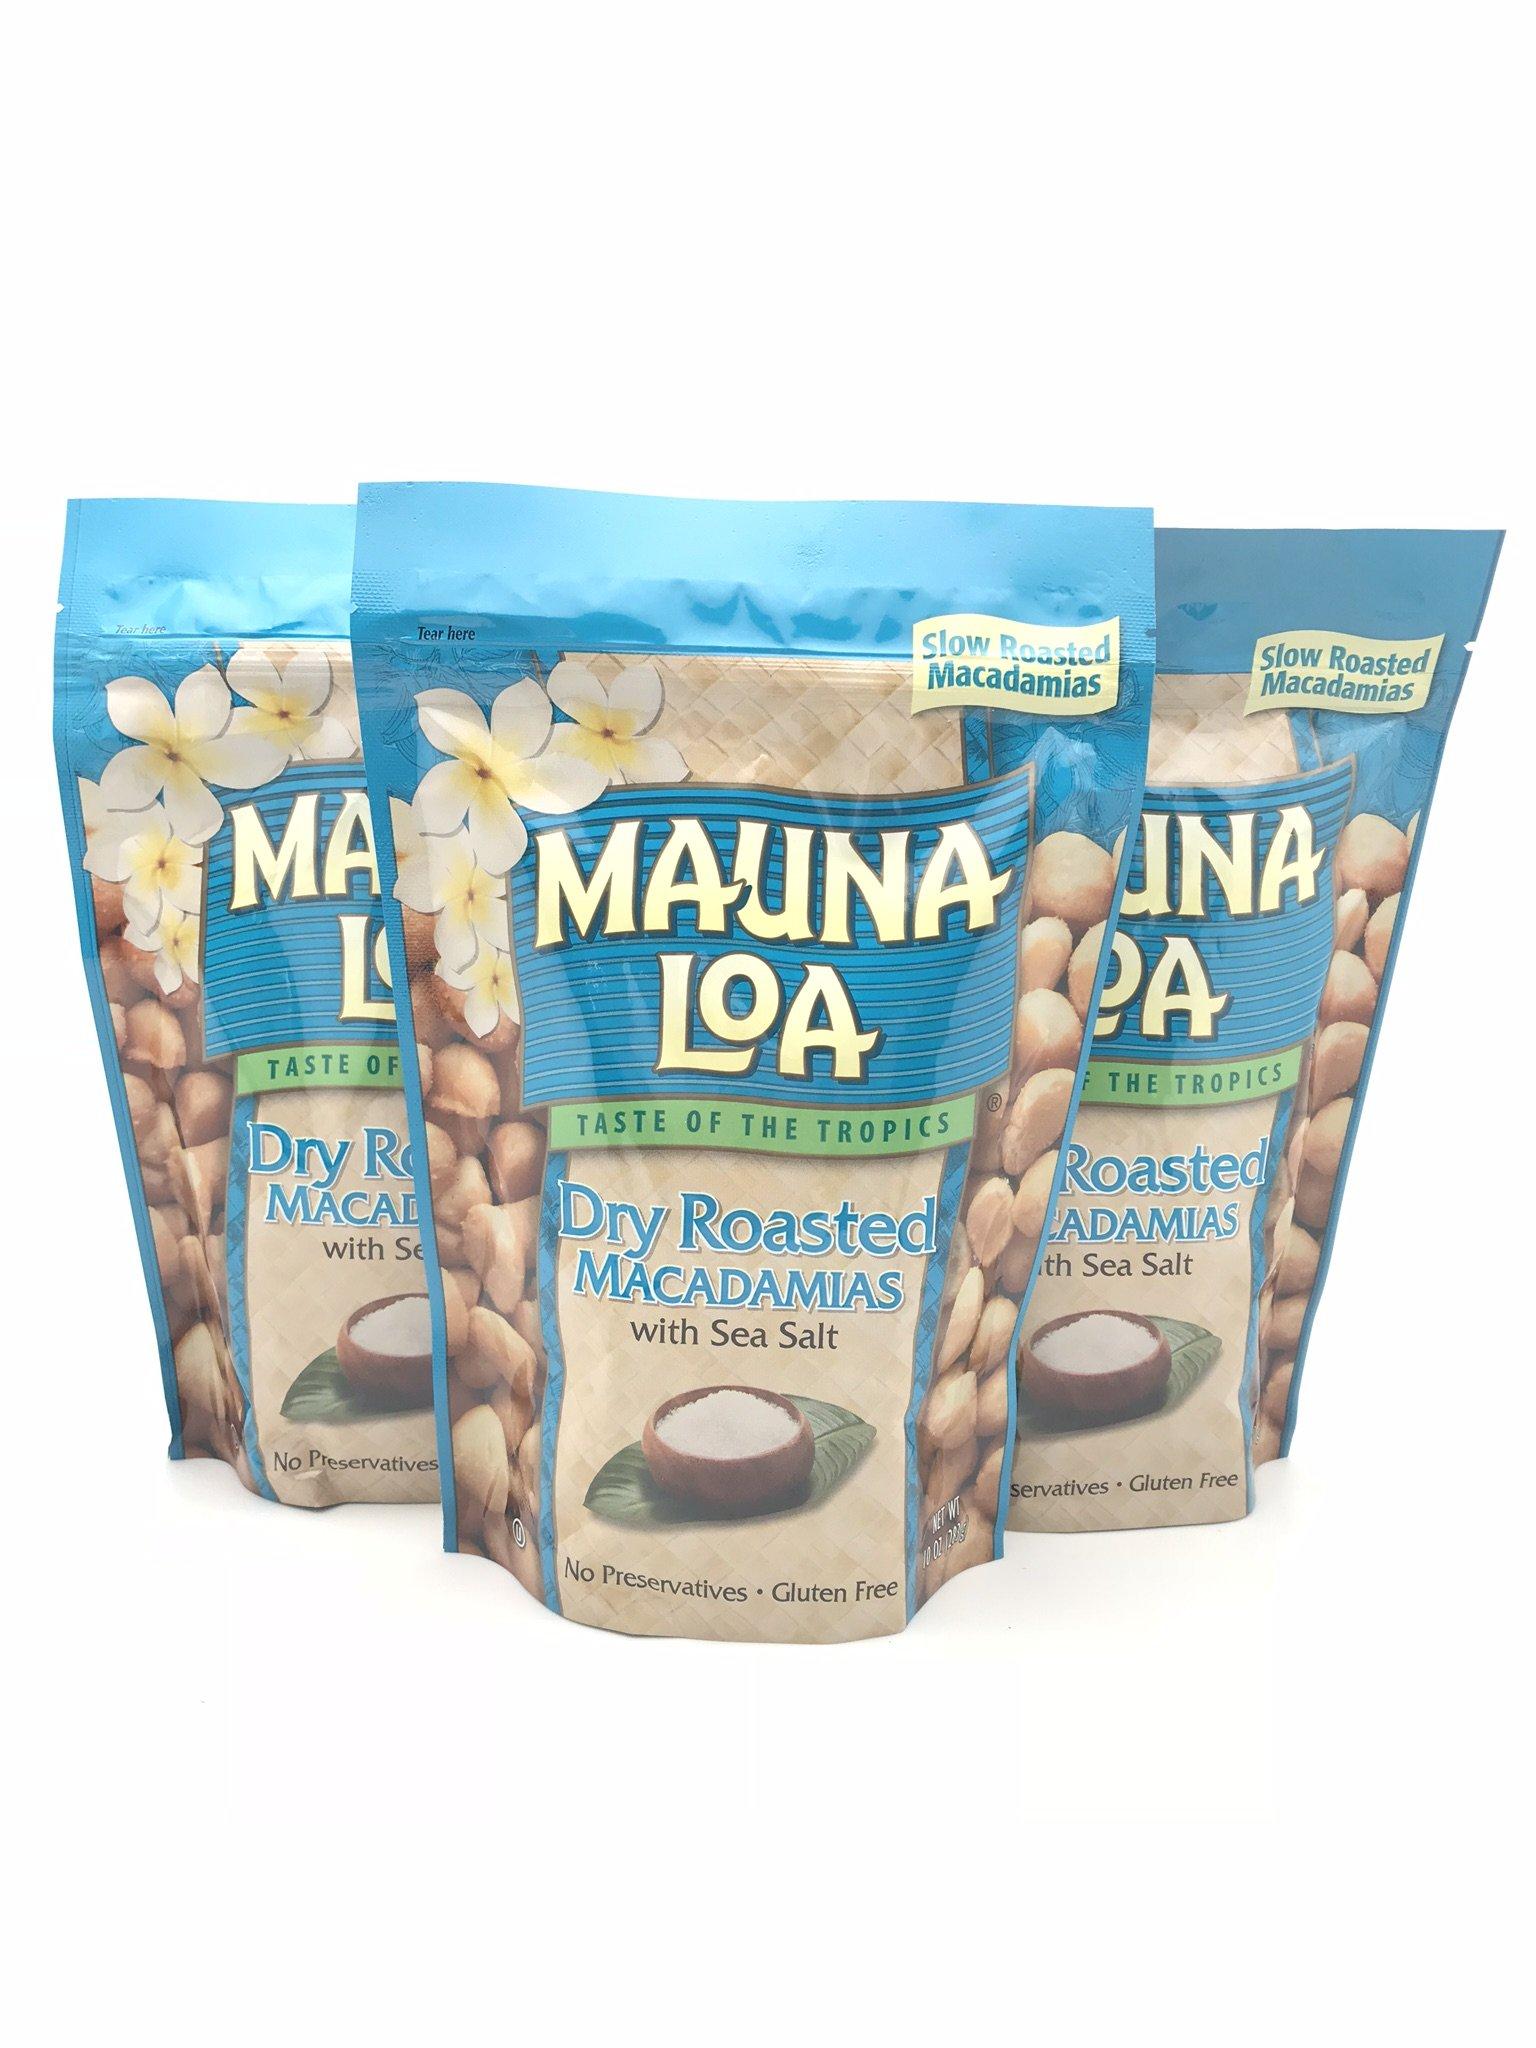 Mauna Loa Dry Roasted With Sea Salt Macadamia Nuts, 10-Ounce Package (Pack of 3)